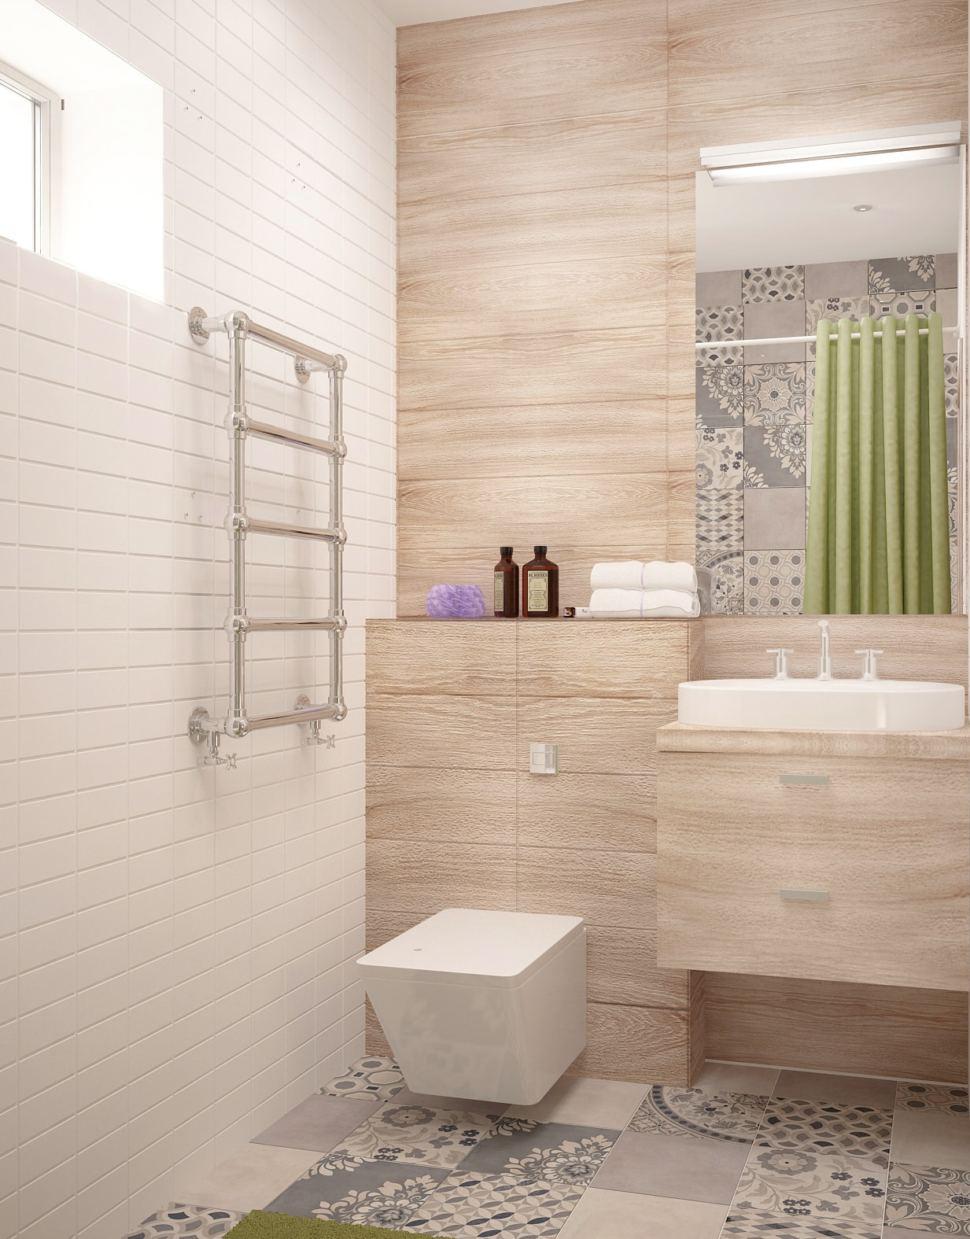 Дизайн интерьера совмещённого санузла с ванной комнатой 5 кв.м с древесными оттенками, бежевая тумба, раковина, ванная, душ